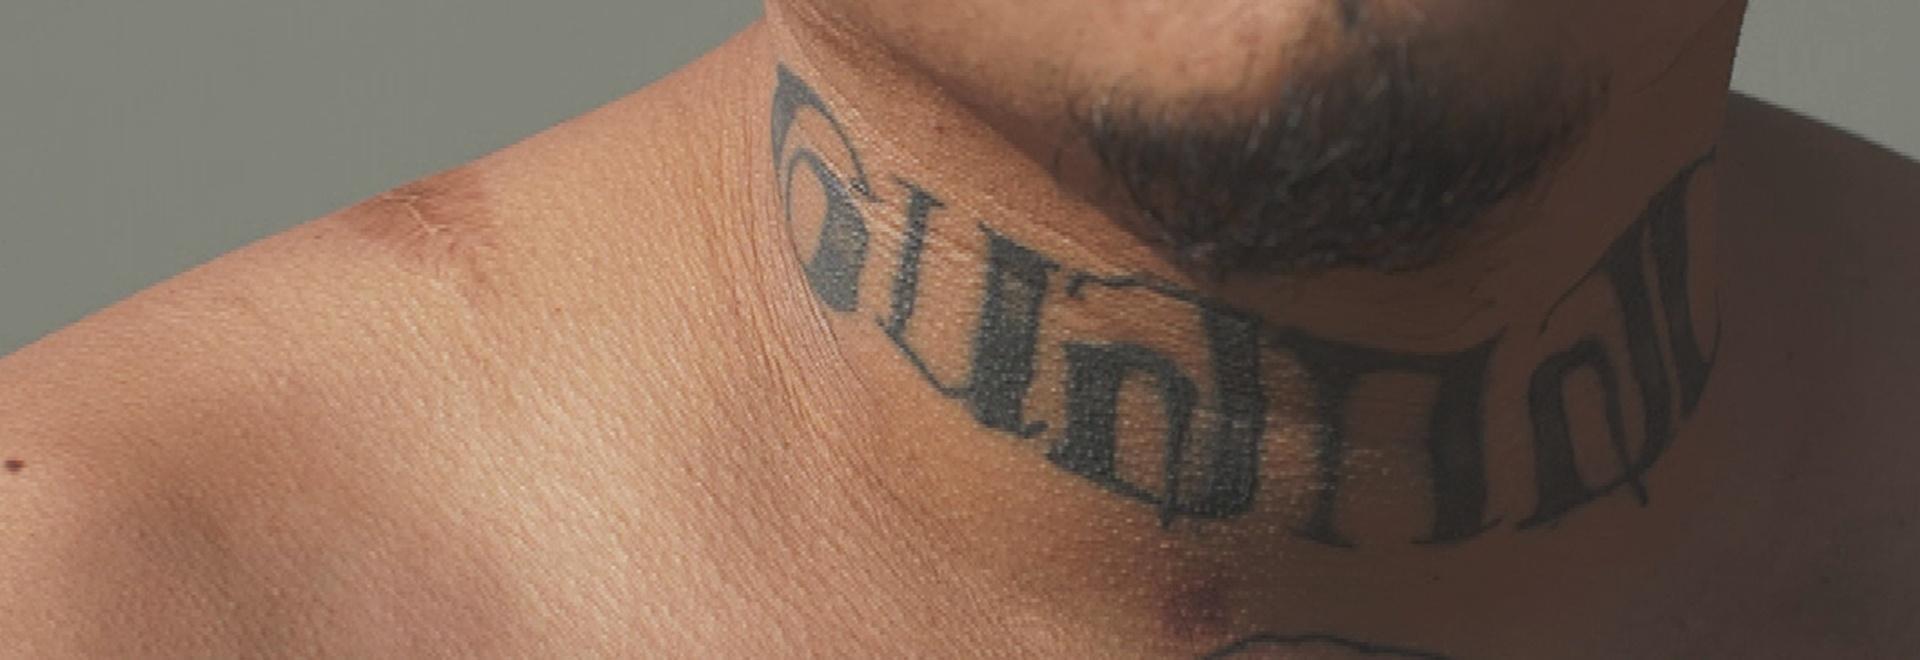 Barrio Milano - Ascesa e crollo delle gang latino americane